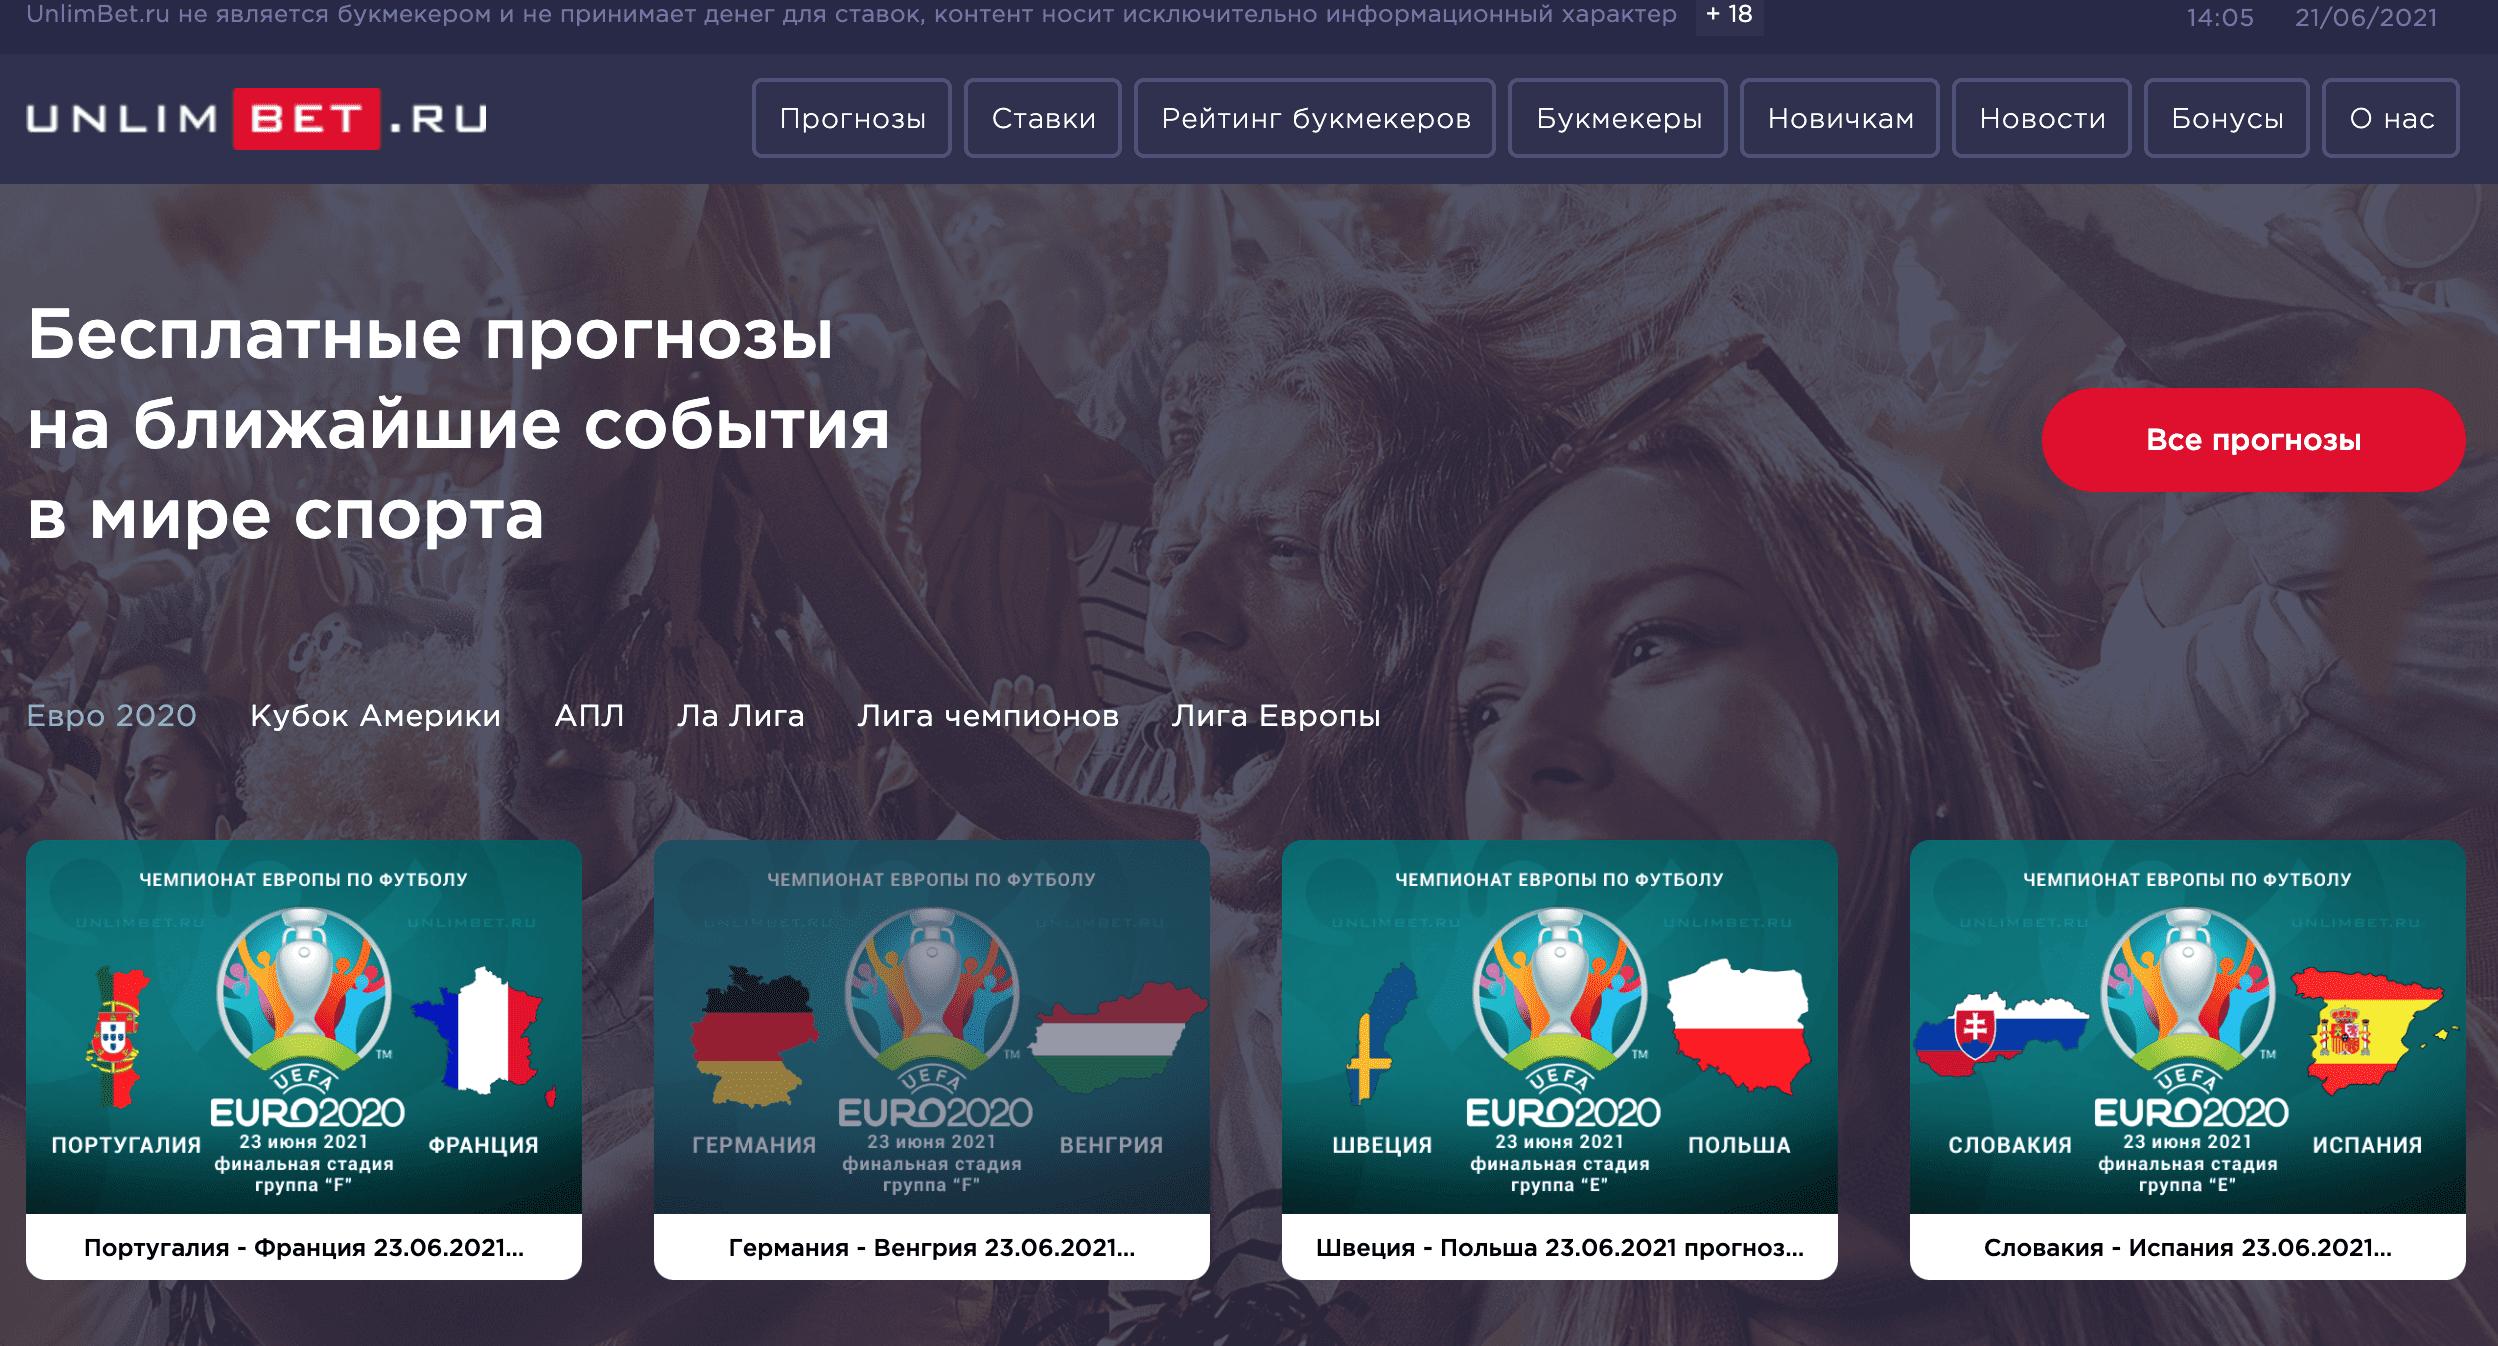 Главная страница сайта Unlimbet ru